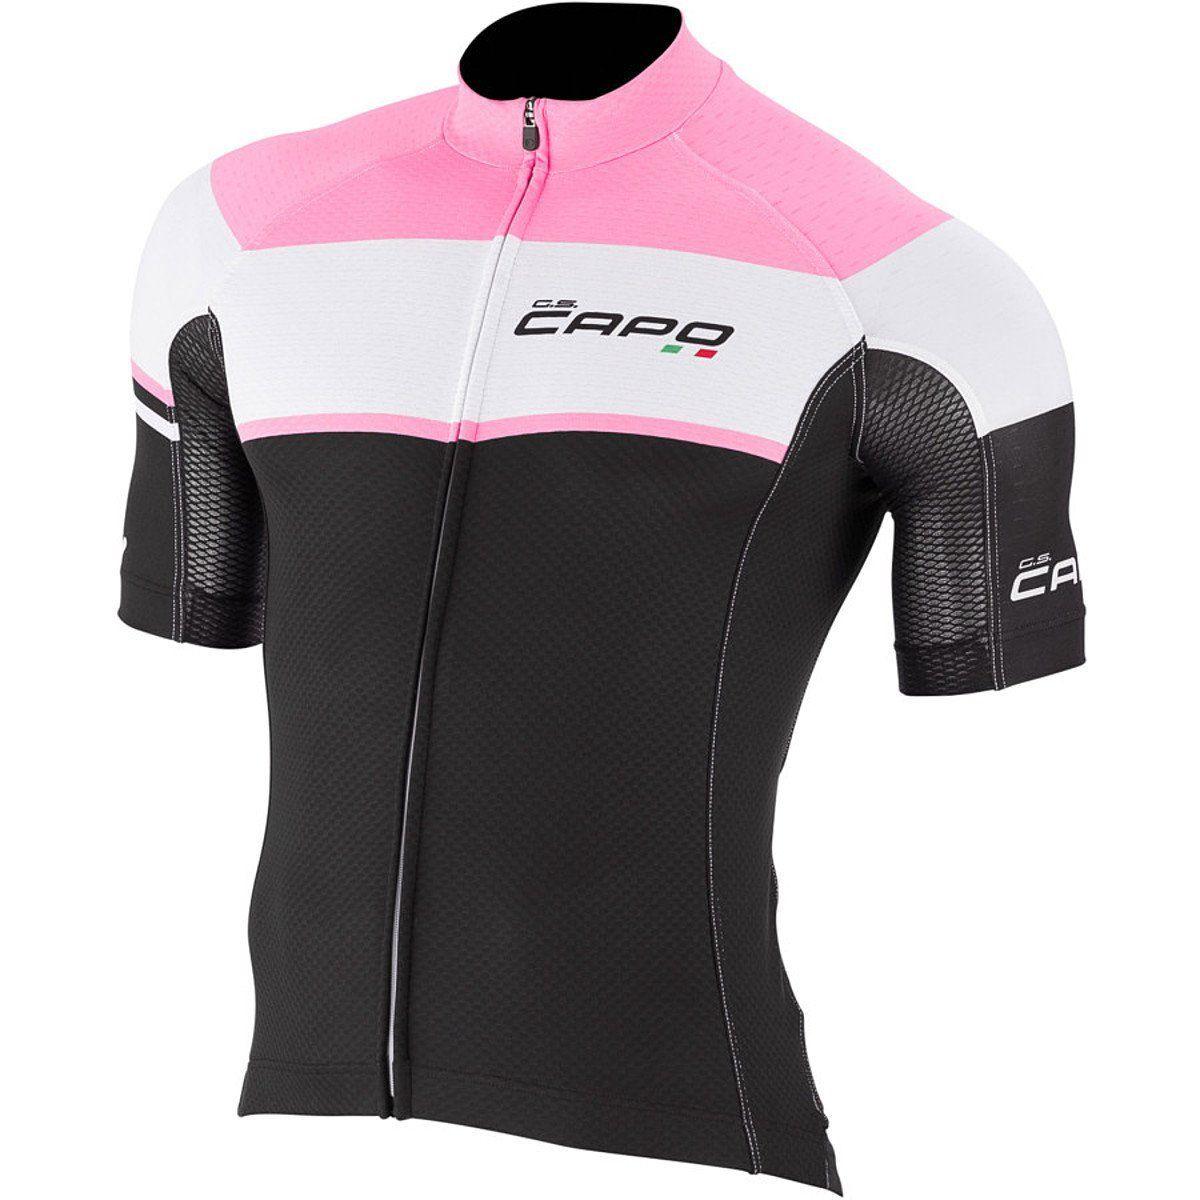 Capo GS-13 Jersey Black Pink 40a25d32c